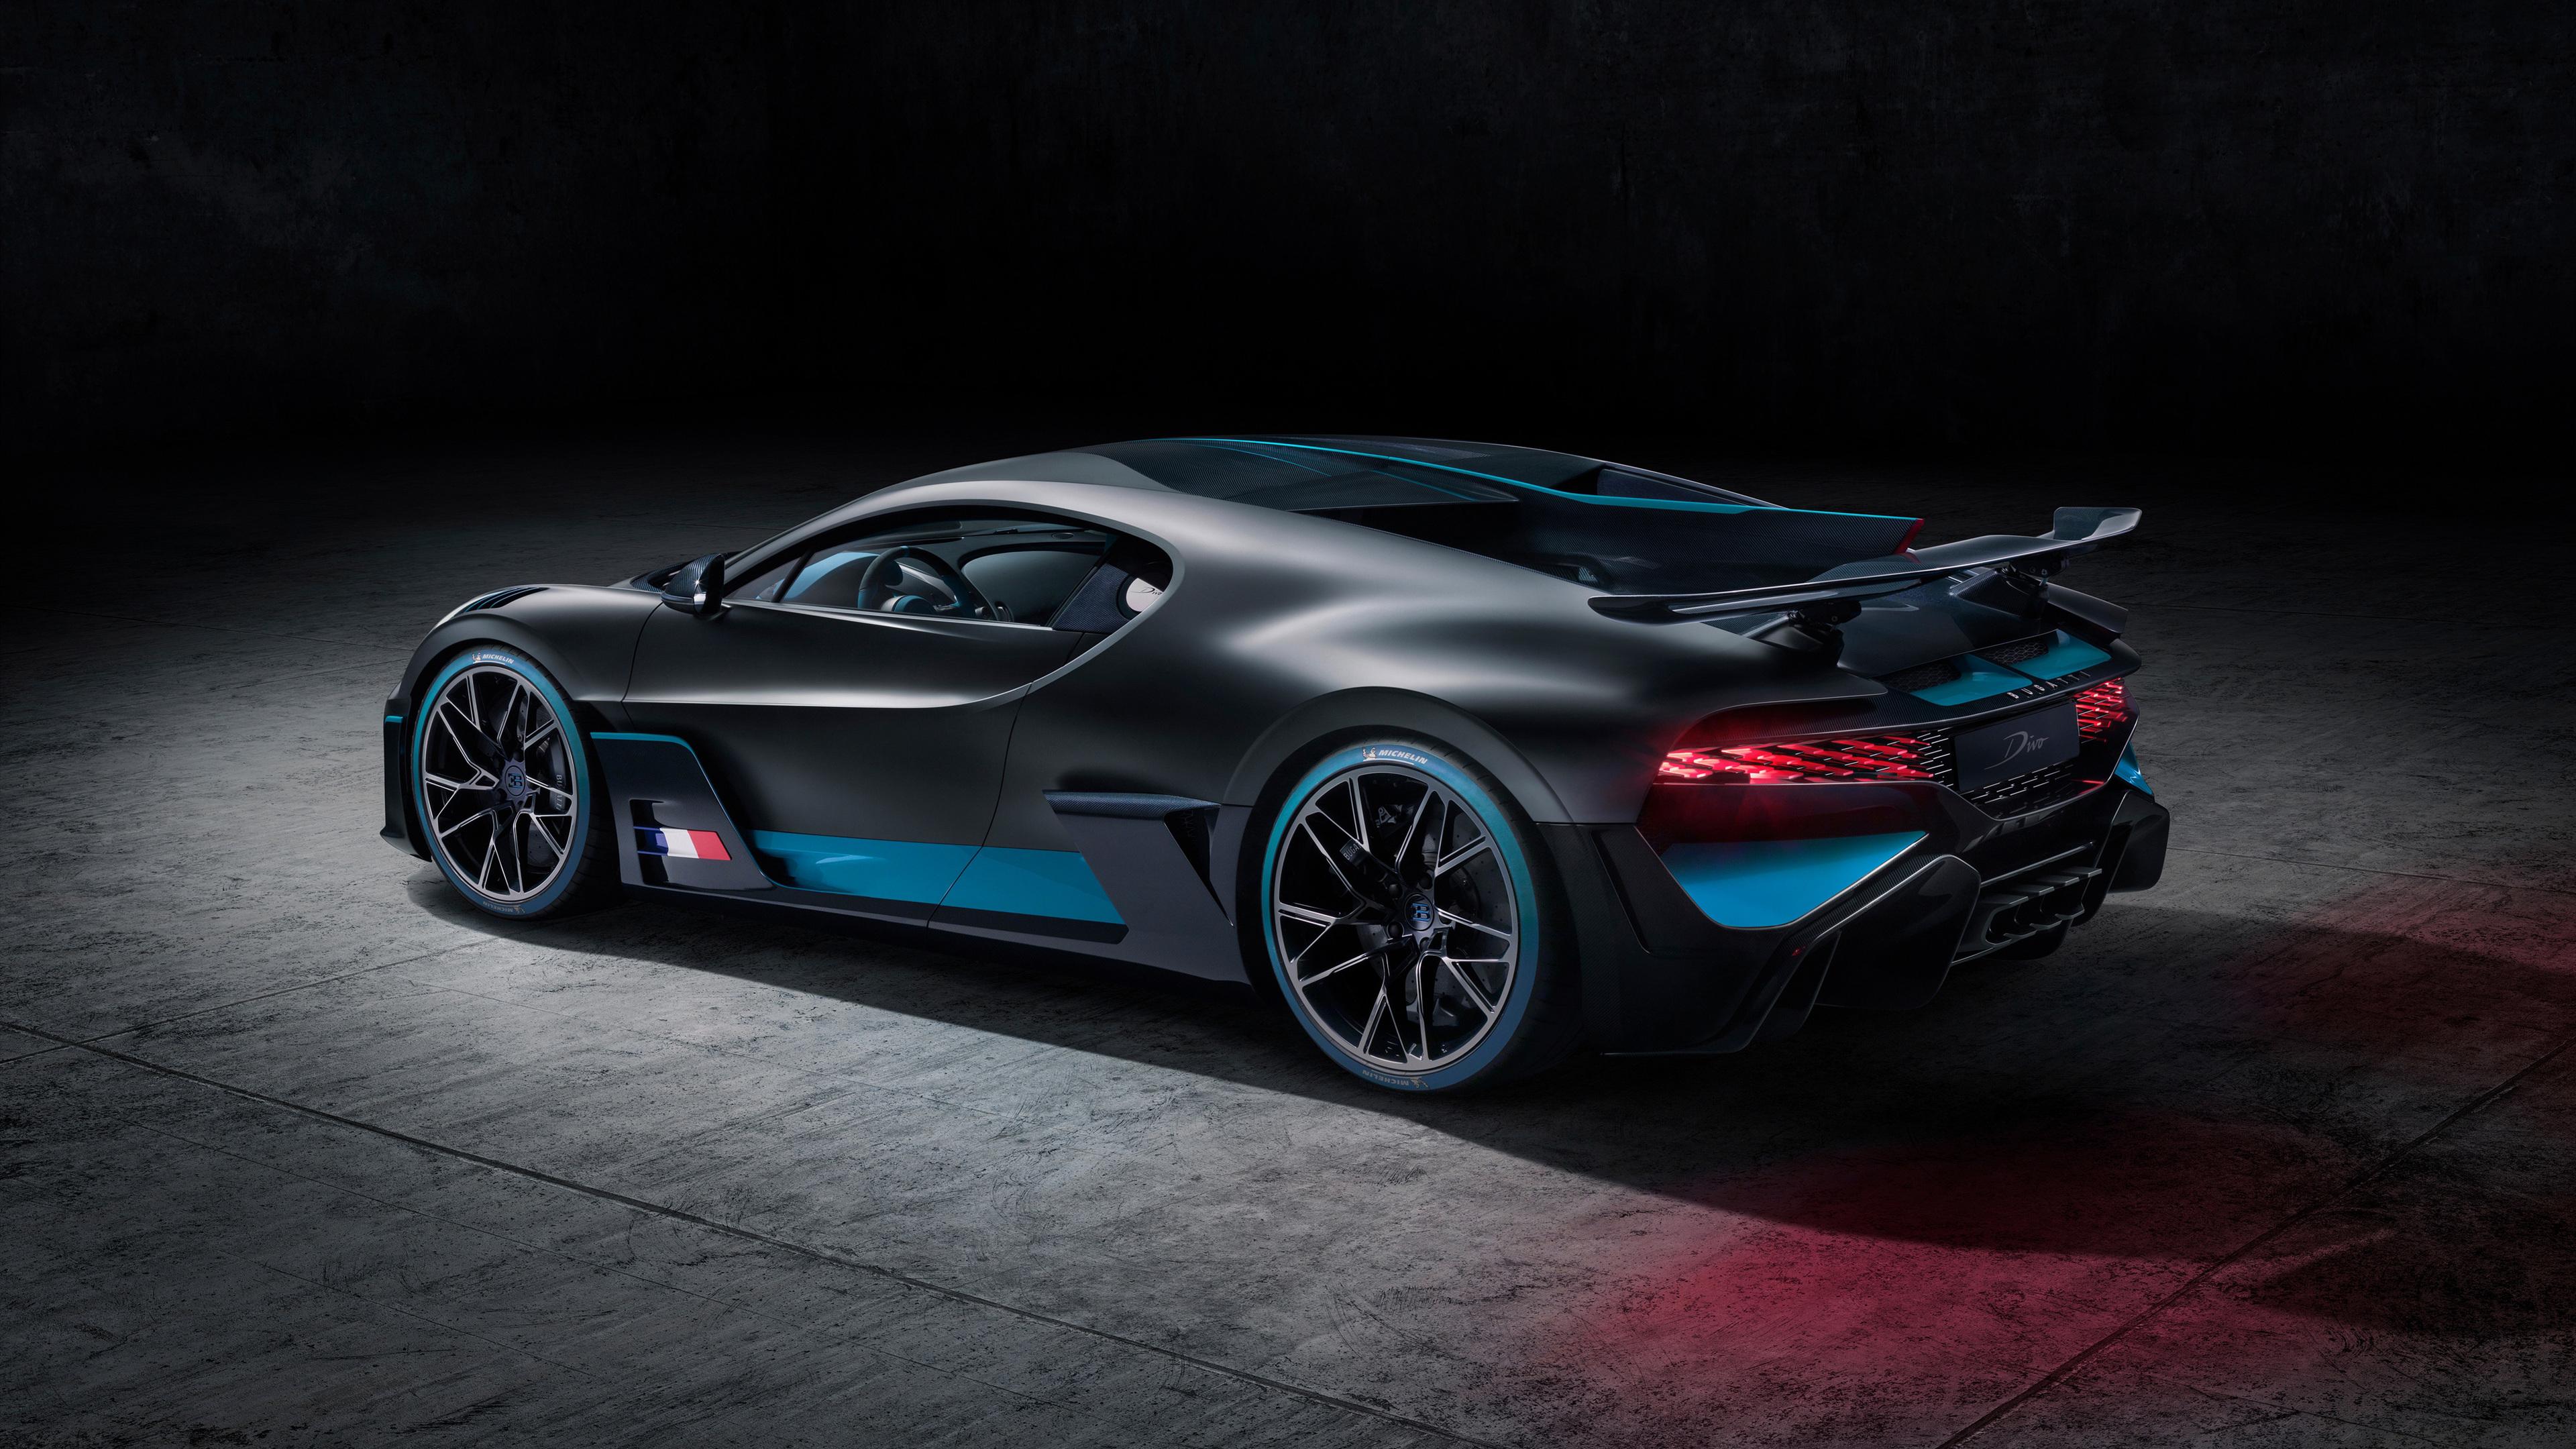 2018 bugatti divo rear side view 1539113999 - 2018 Bugatti Divo Rear Side View - hd-wallpapers, cars wallpapers, bugatti wallpapers, bugatti divo wallpapers, 4k-wallpapers, 2018 cars wallpapers